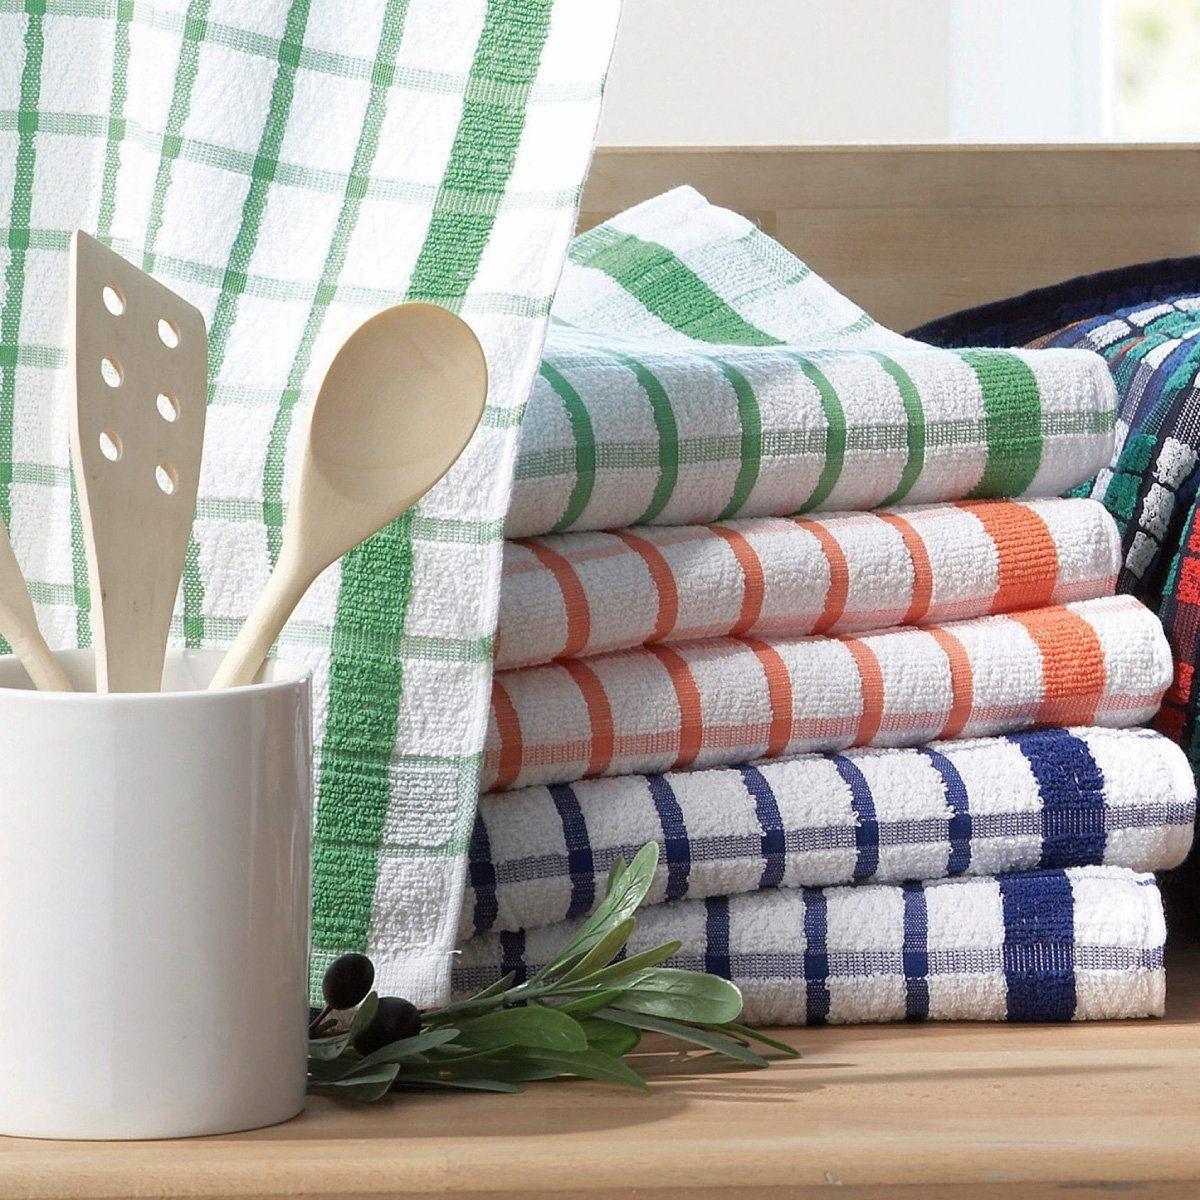 Комплект полотенец кухонныхХарактеристики:- Впитывающие полотенца, 100% хлопка. - В клетку.Стирка при 60°.- Размеры: 50 x 80 см.6 или 12 штук в комплекте.!<br><br>Цвет: зеленый + оранжевый + синий<br>Размер: комплект из 12.комплект из 6